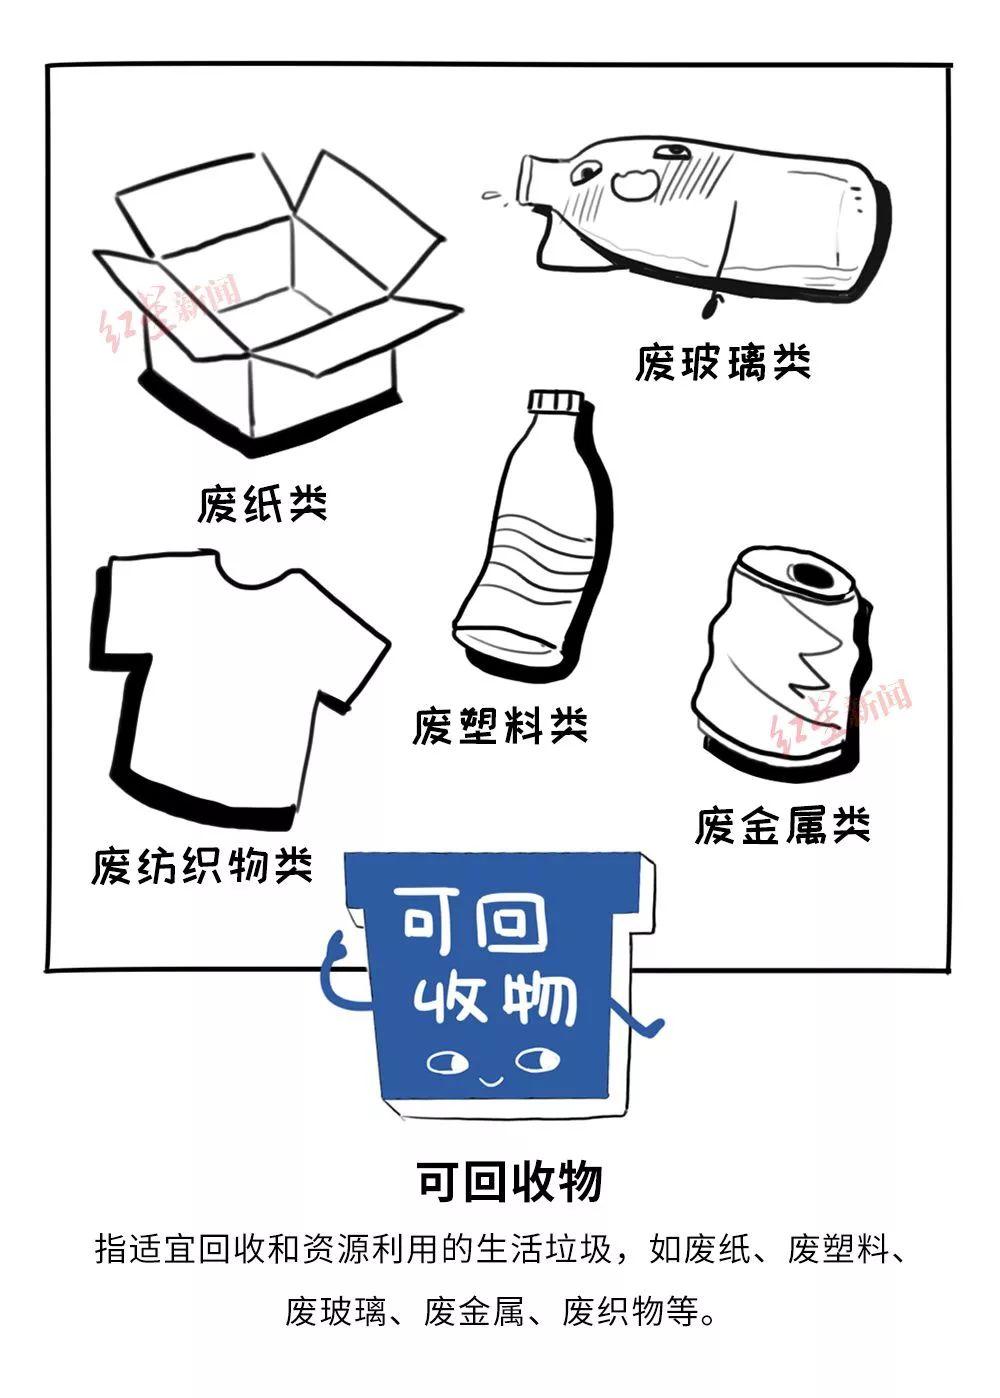 成都垃圾分类标准